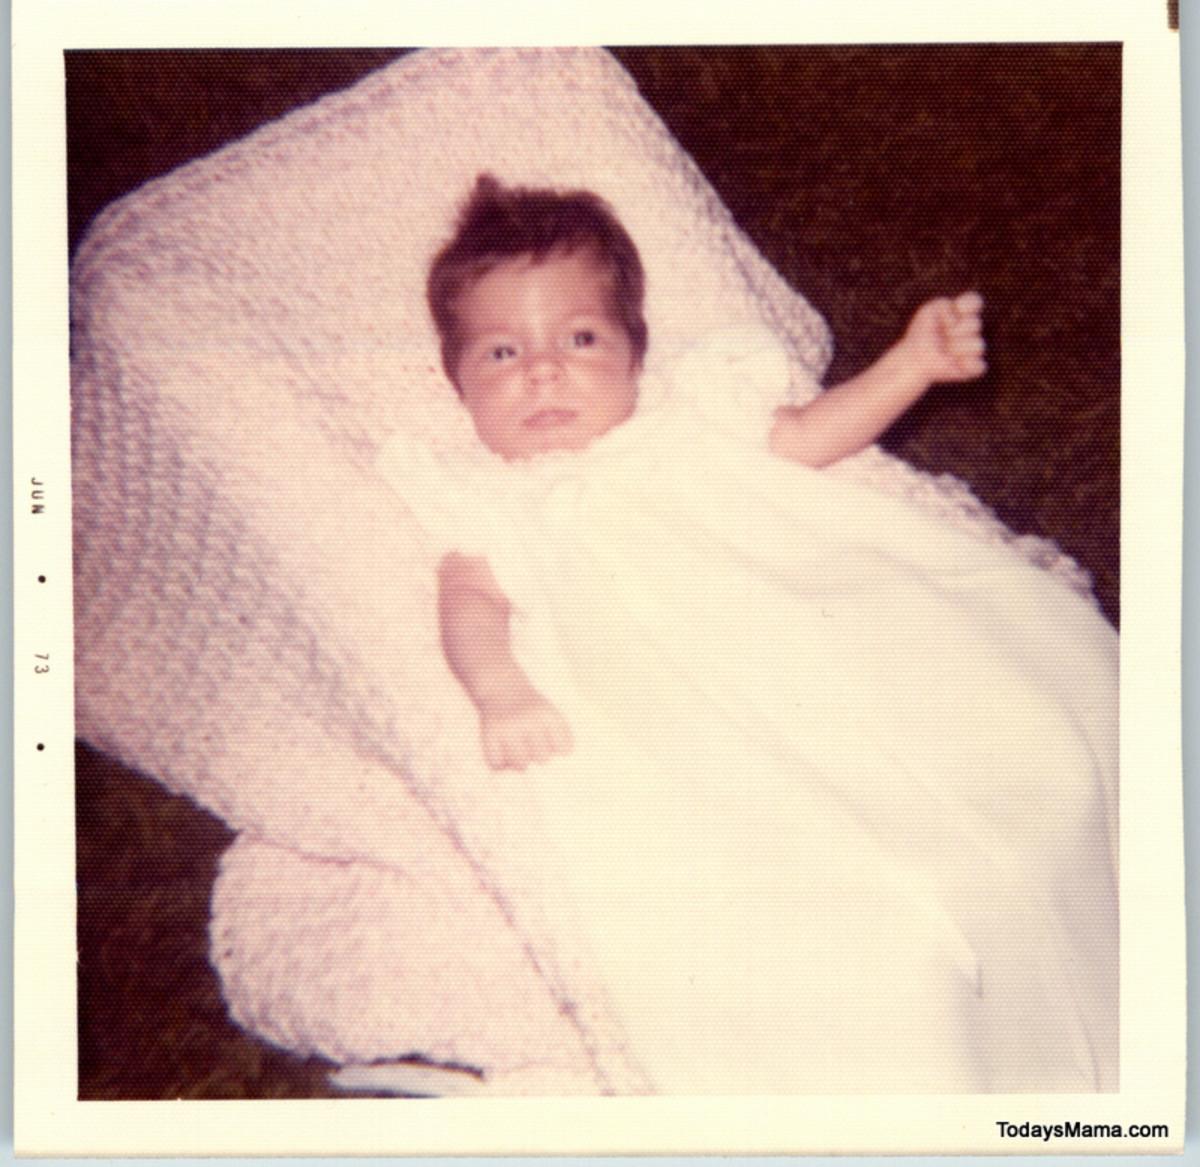 Hoosier Baby 6 weeks